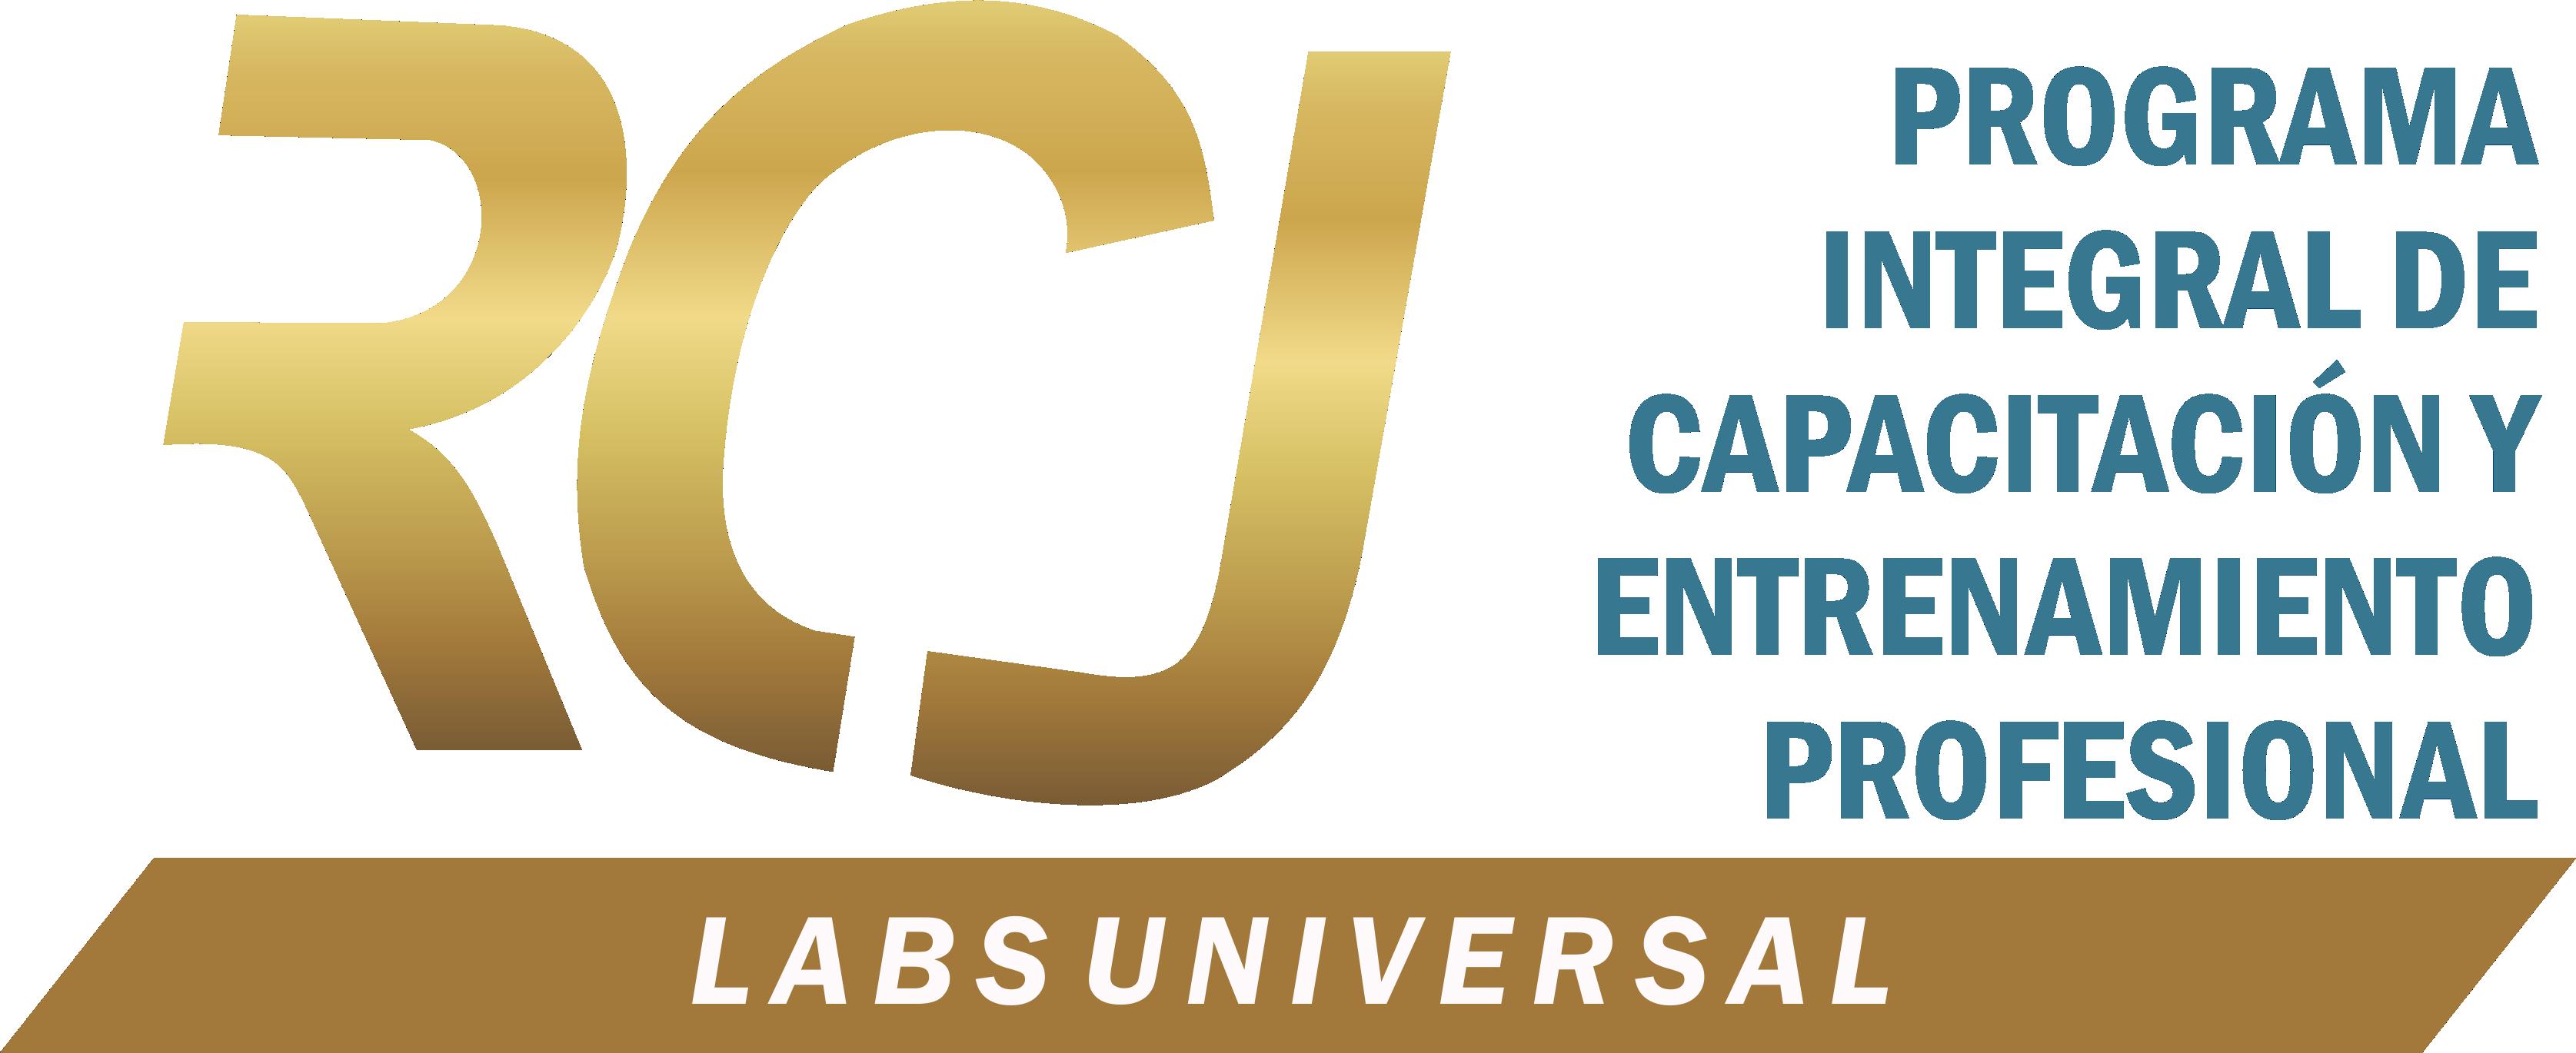 logo-rcjlabsuniversal-area-capacitaciones